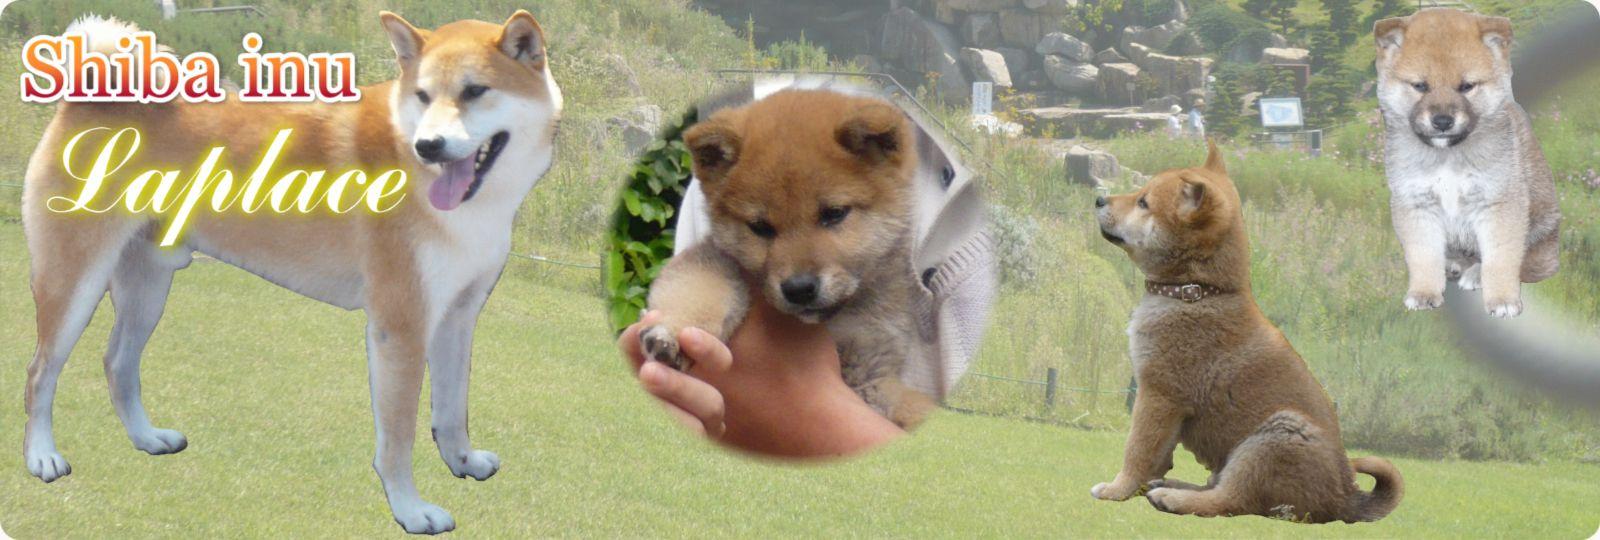 柴犬ラプラスの幸せ メイン画像